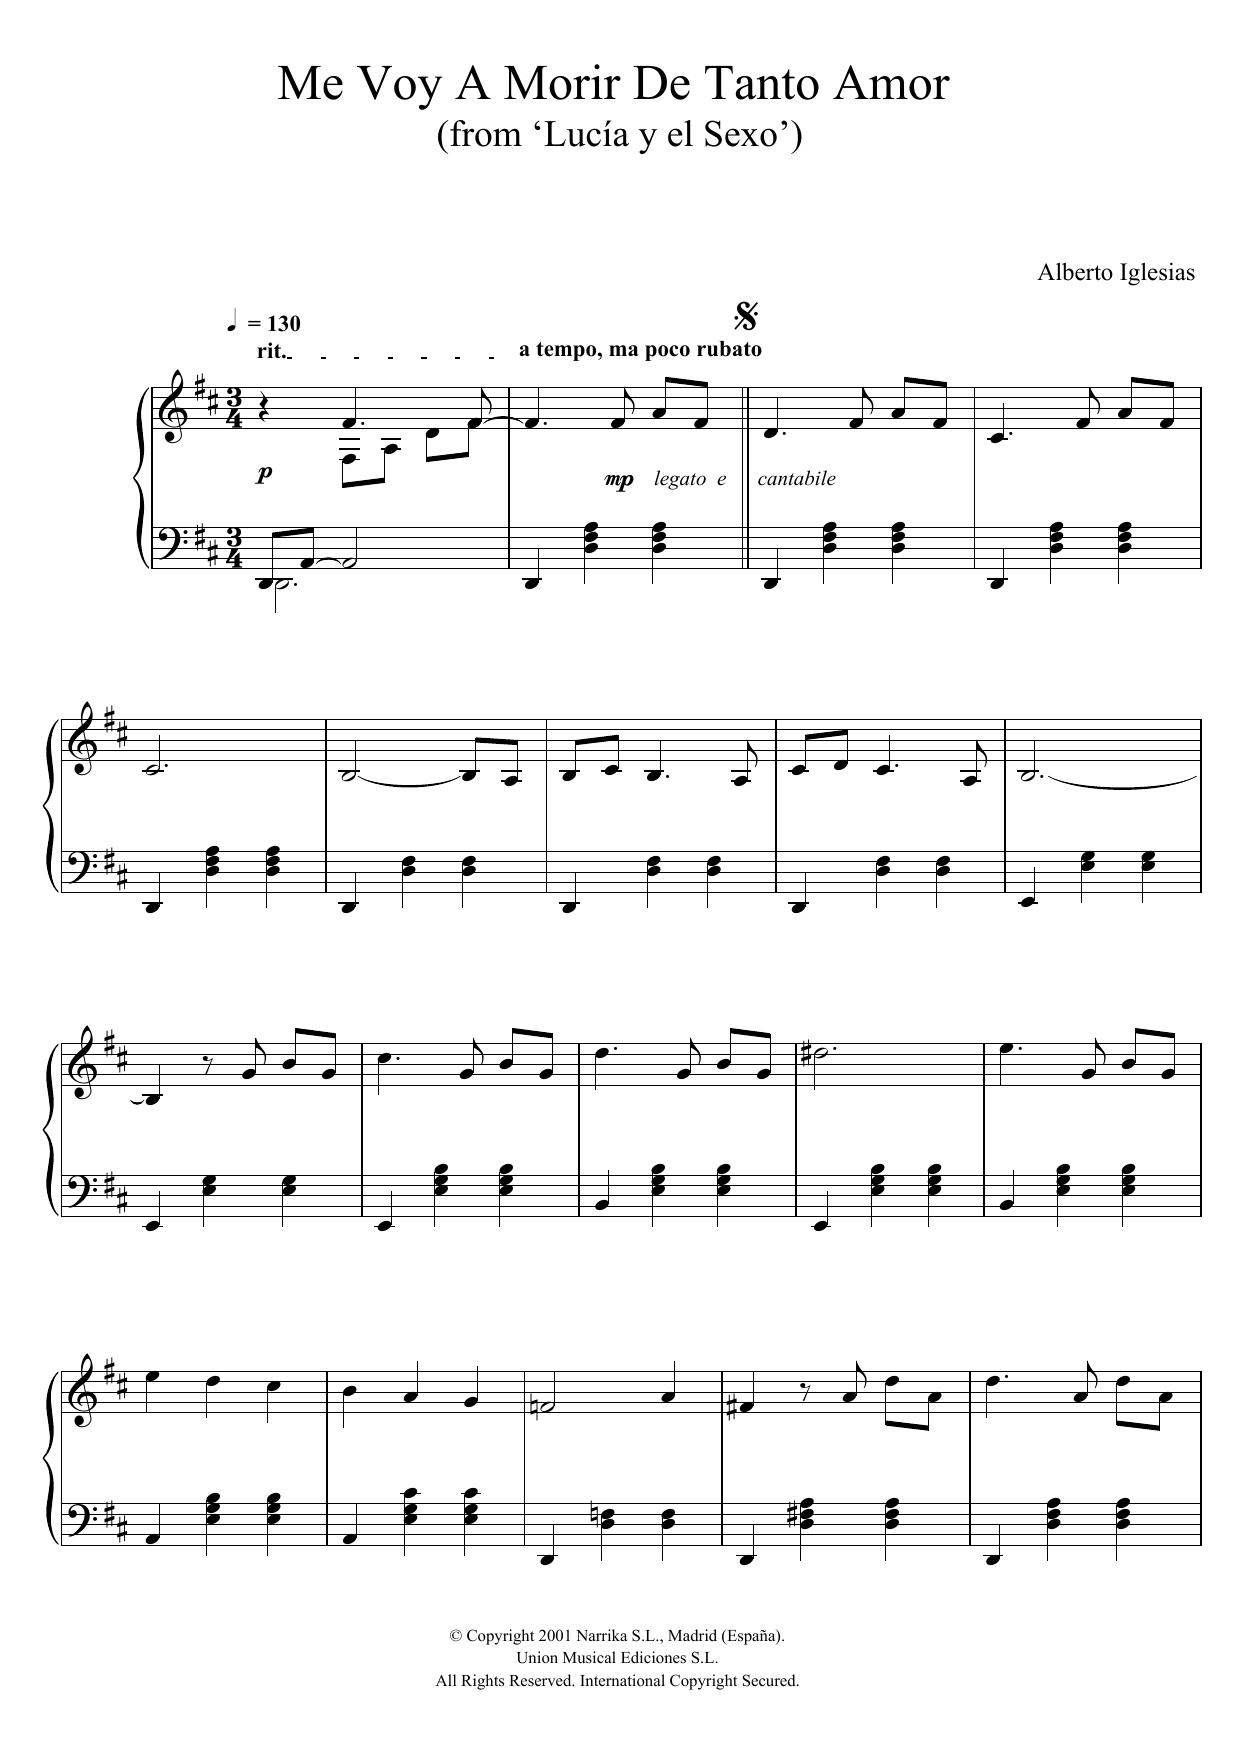 """Alberto Iglesias - Me Voy A Morir De Tanto Amor (from """"Lucia y el Sexo"""")"""